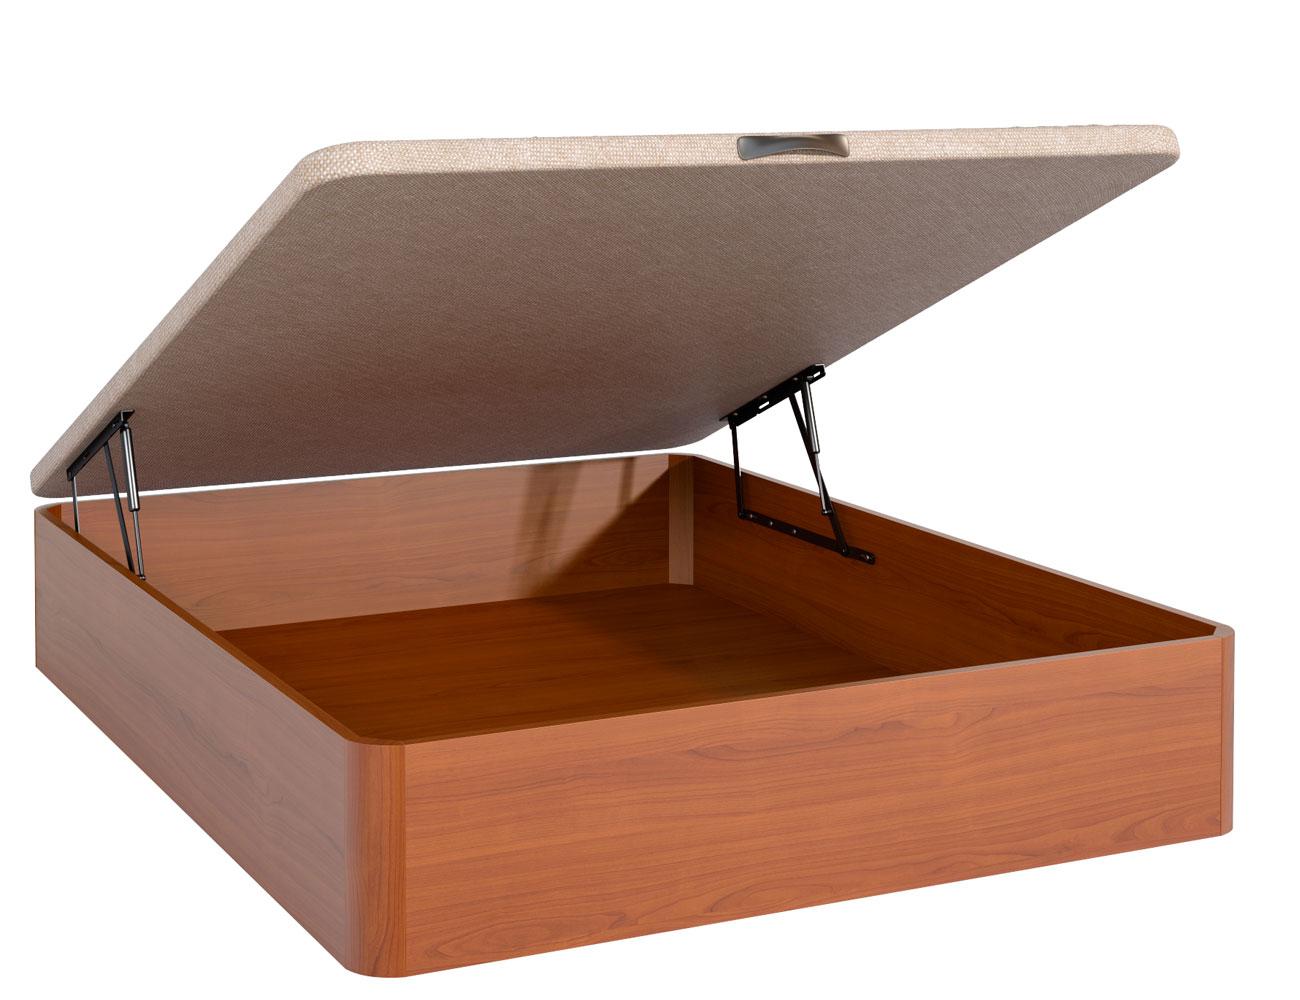 Canape madera nogal tapa 3d barato ebro abierto1